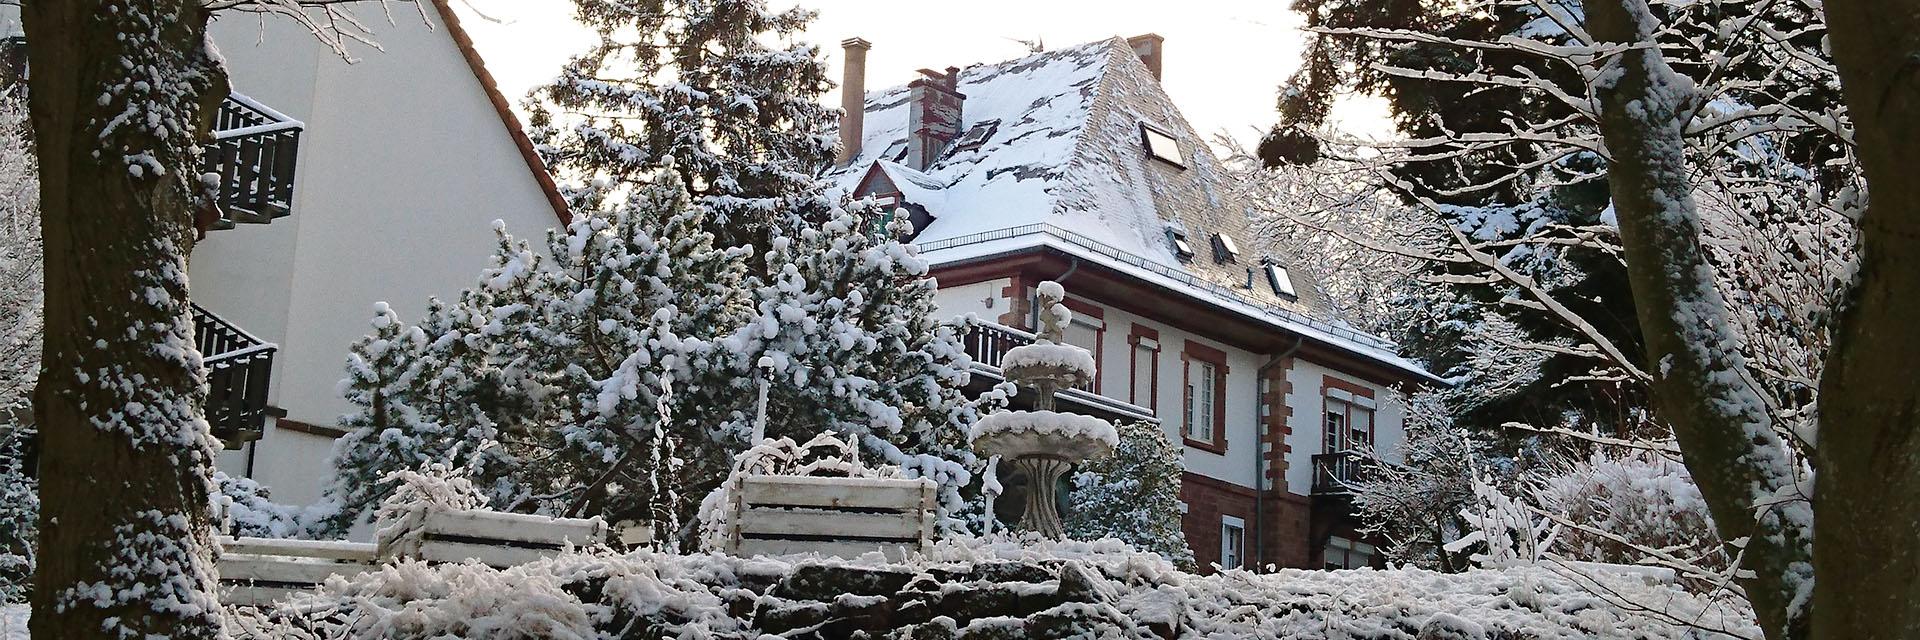 village-club-cap-france-vosqes-alsace-domaine-saint-jasques-hiver